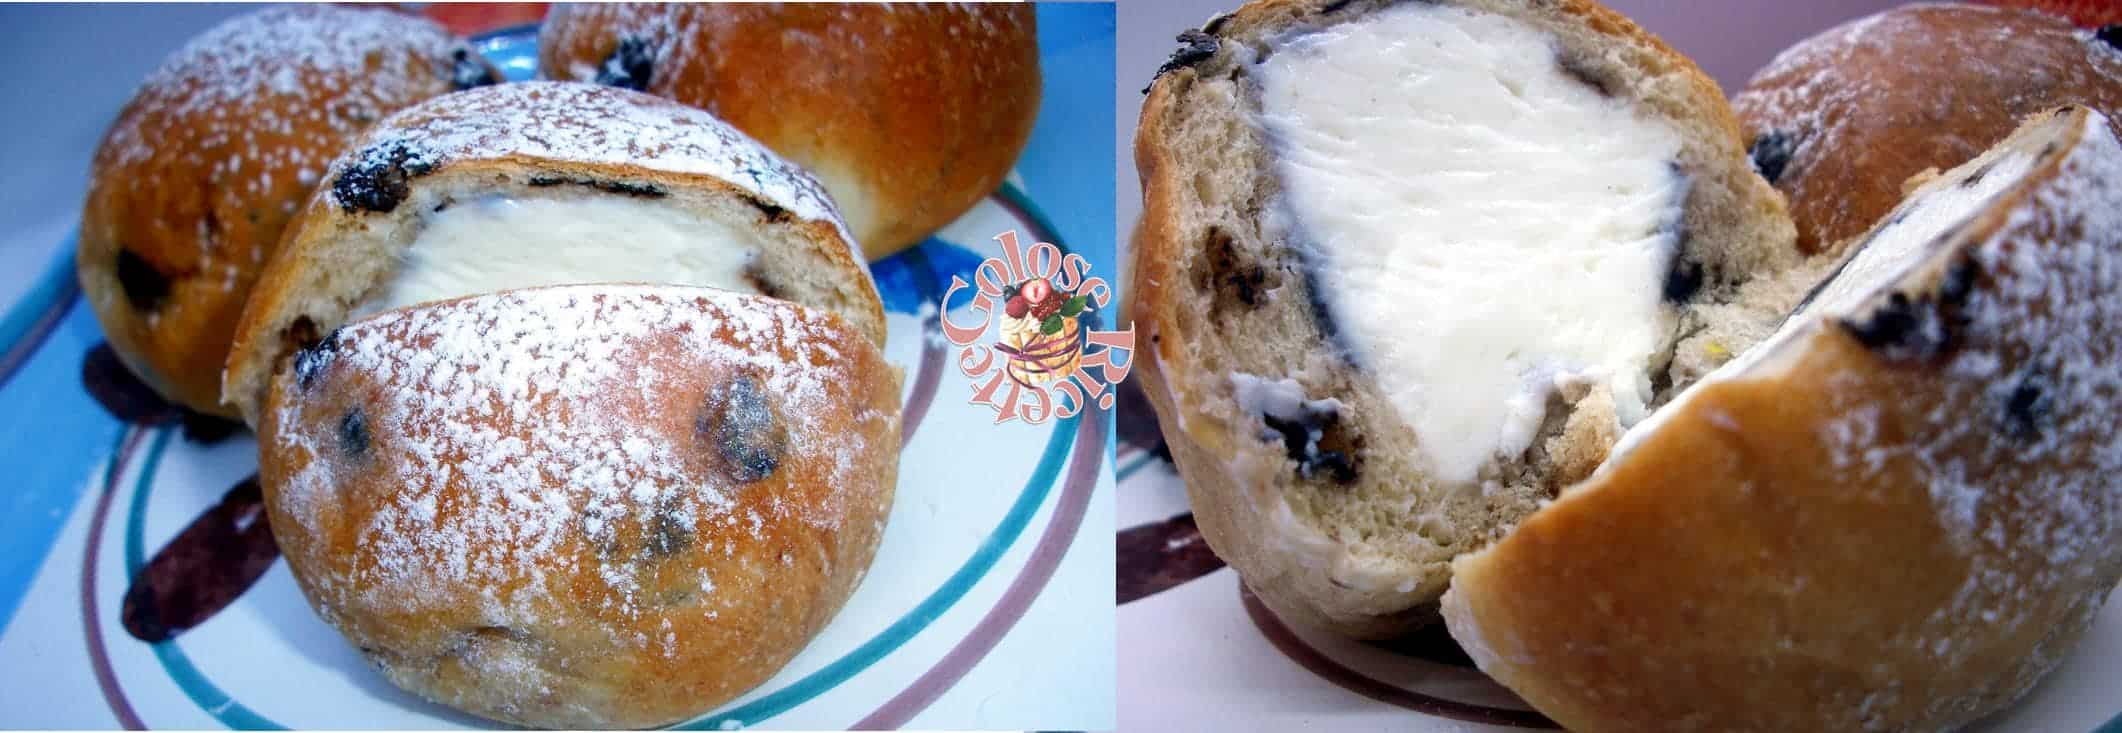 pan-di-ricotta6 Fiocchi di neve - brioche con cioccolato e crema di ricotta